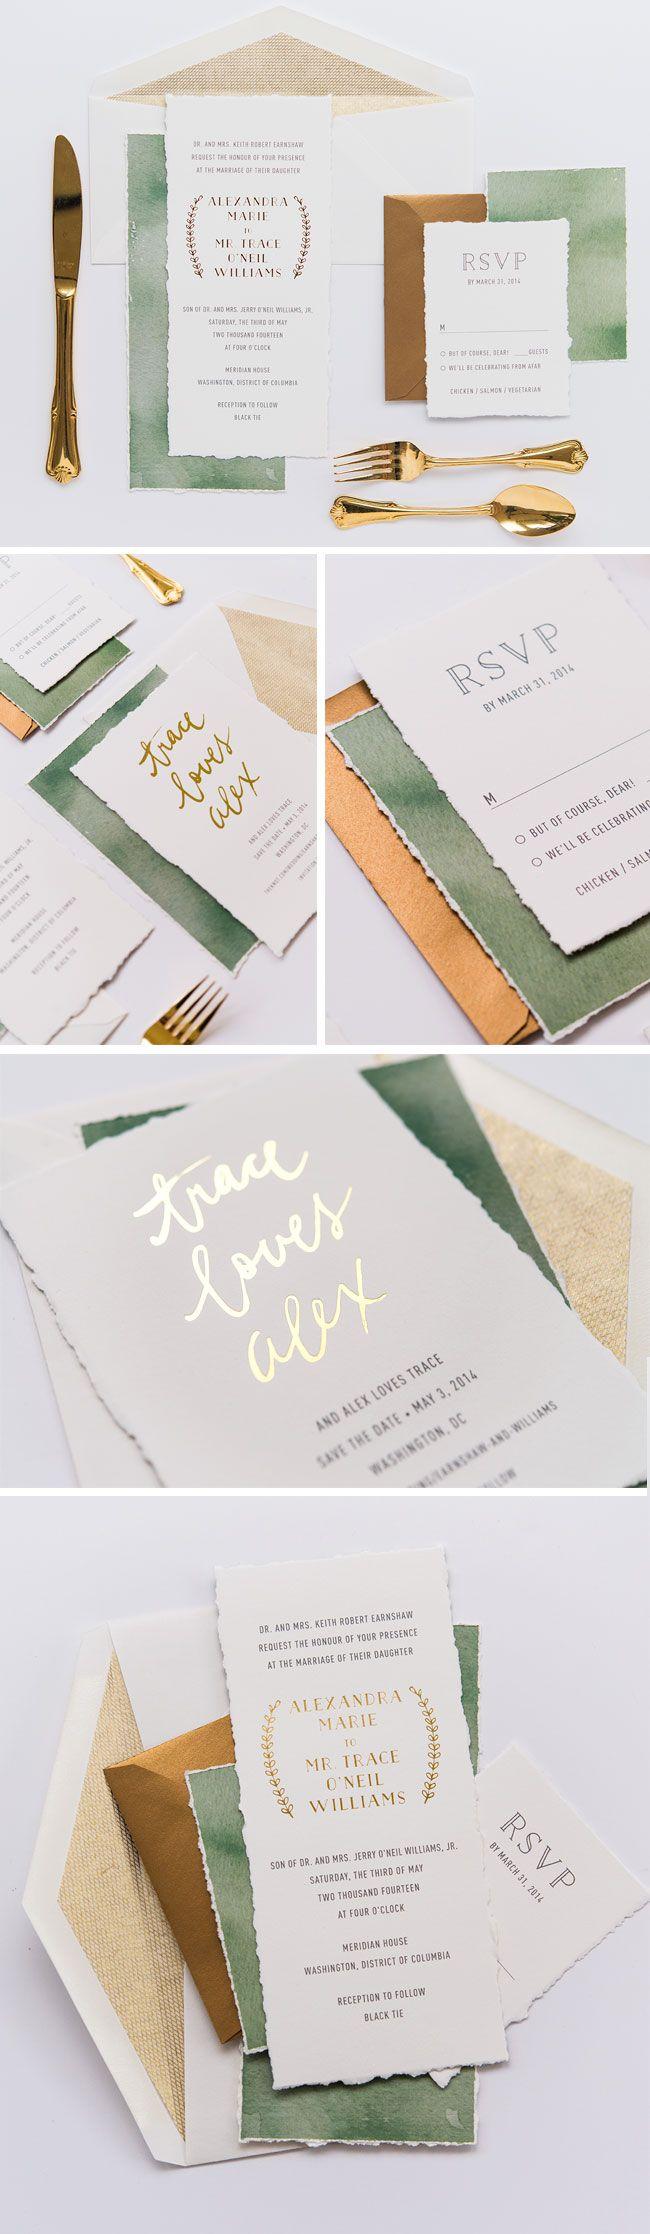 gold foil & watercolor invitations